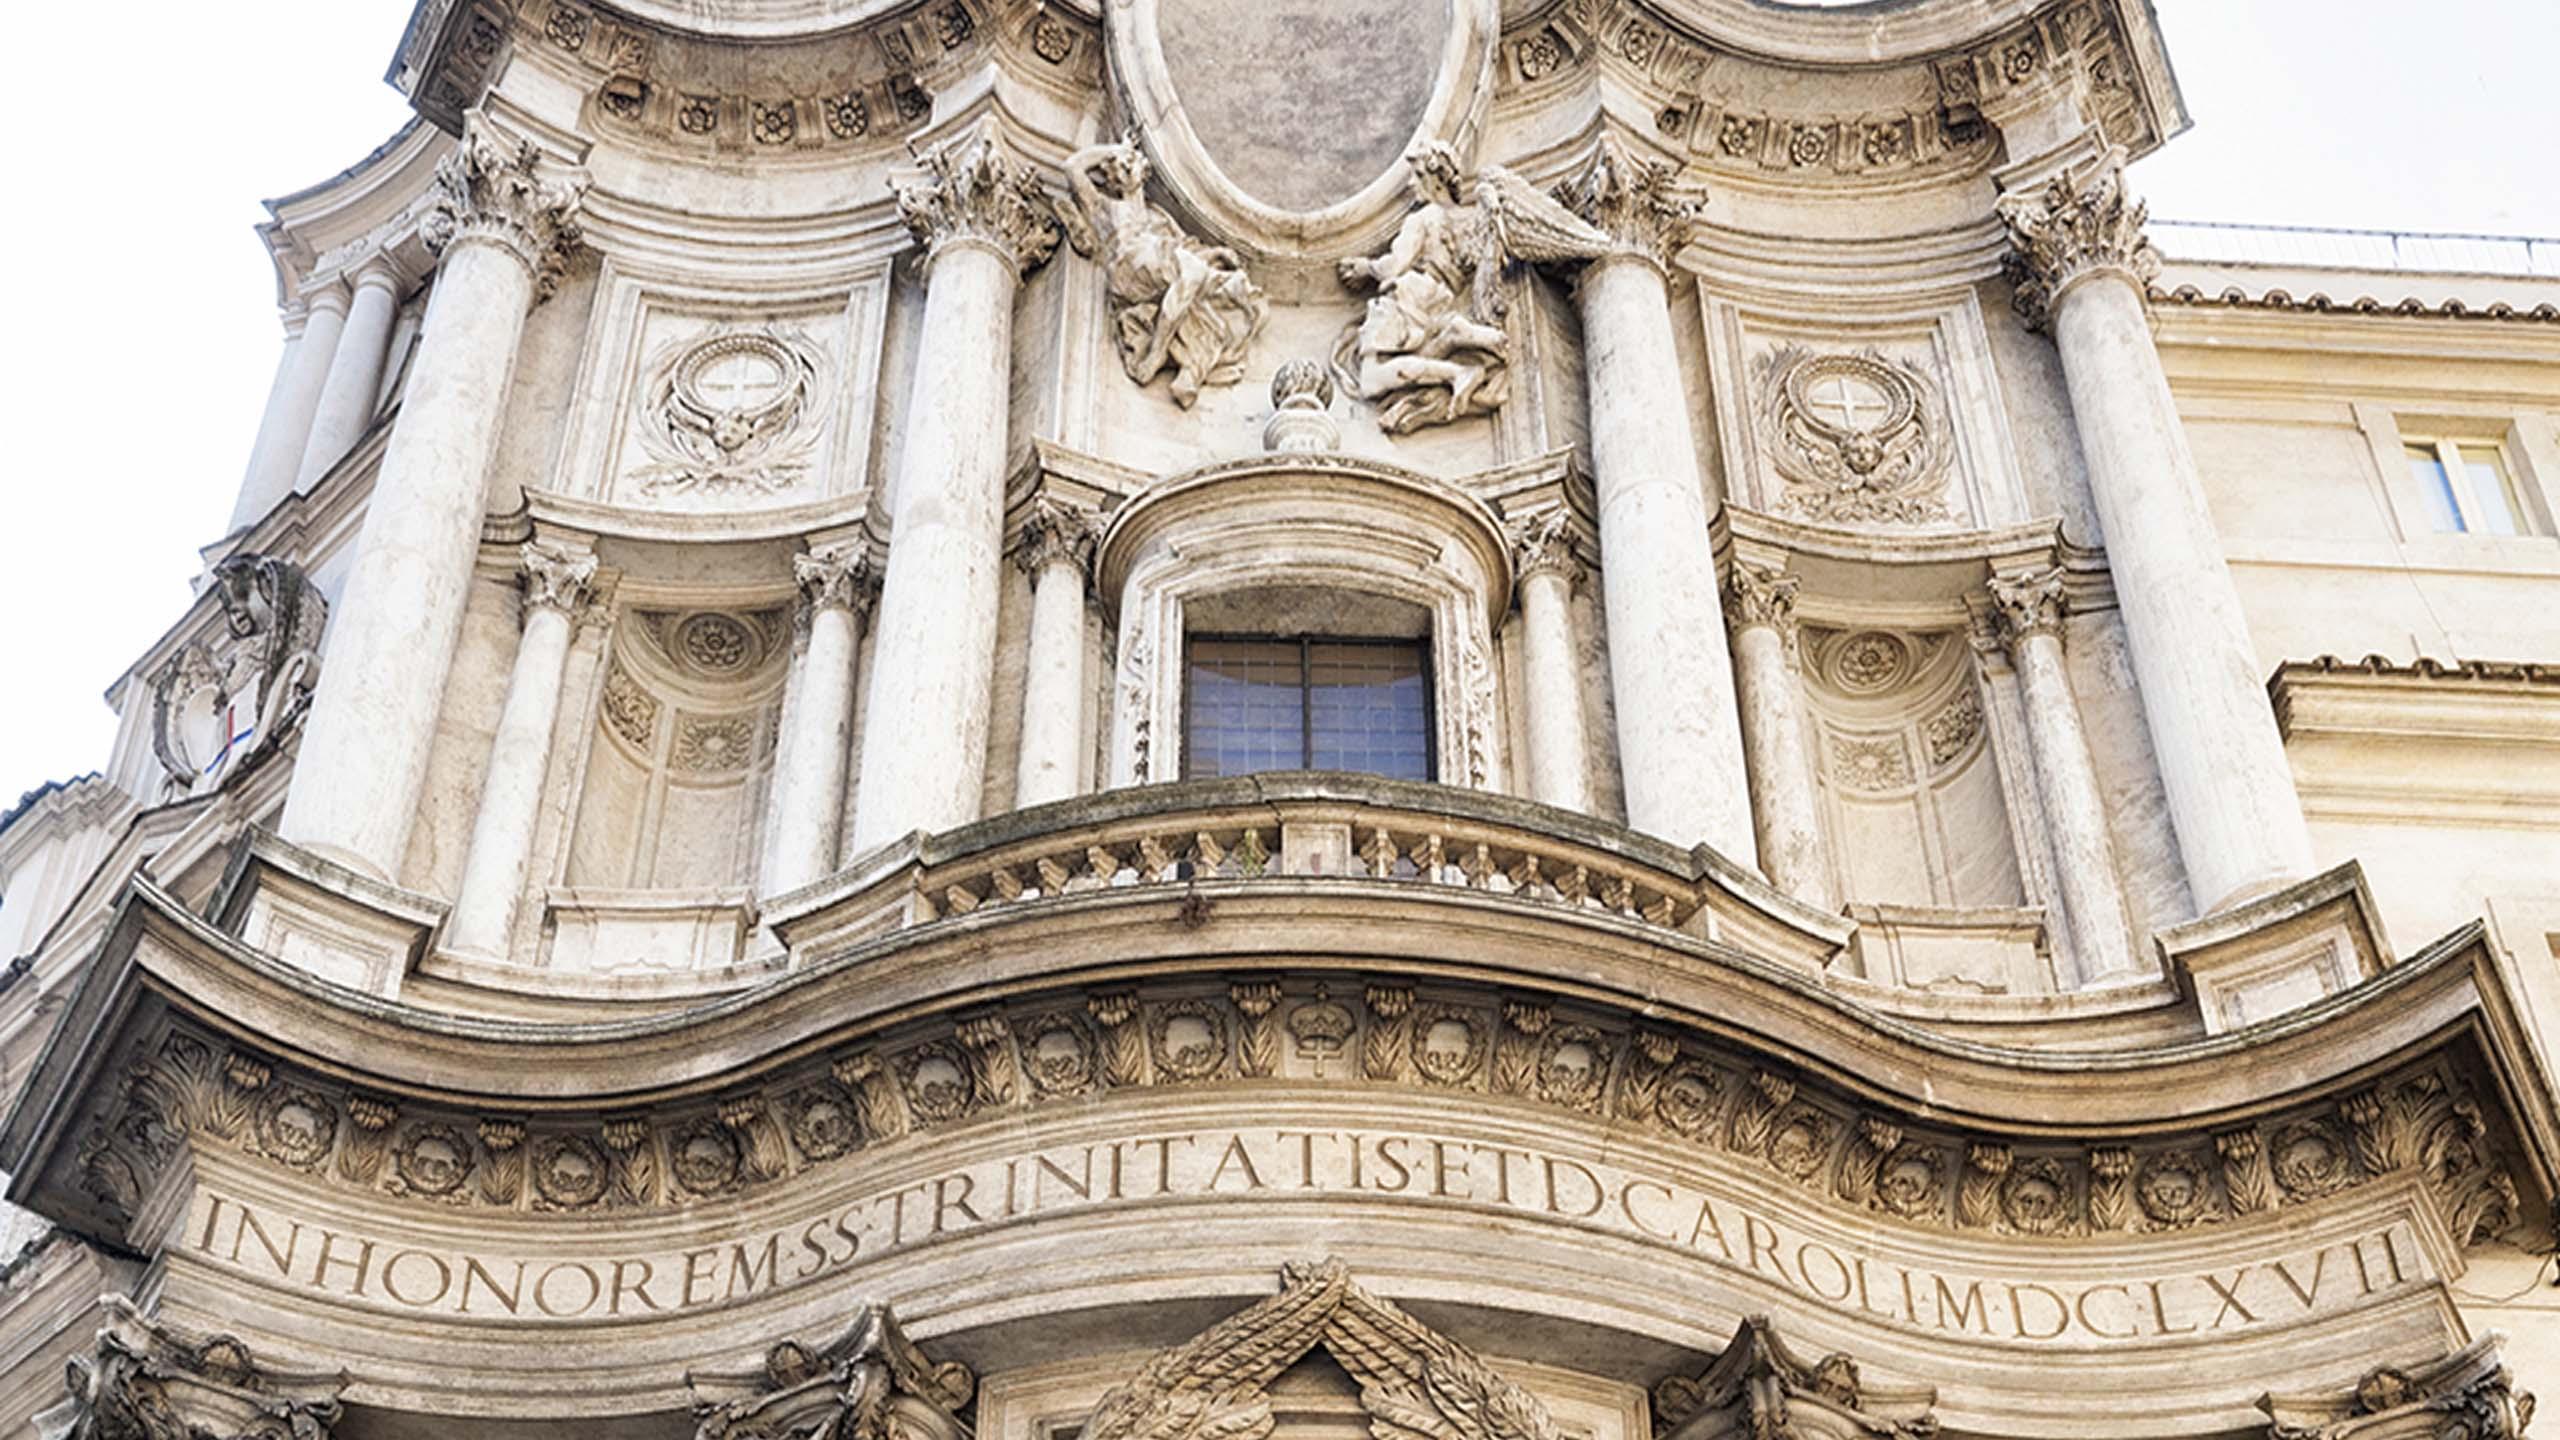 eitch-borromini-roma-chiesa-san-carlo-alle-quattro-fontane.jpg